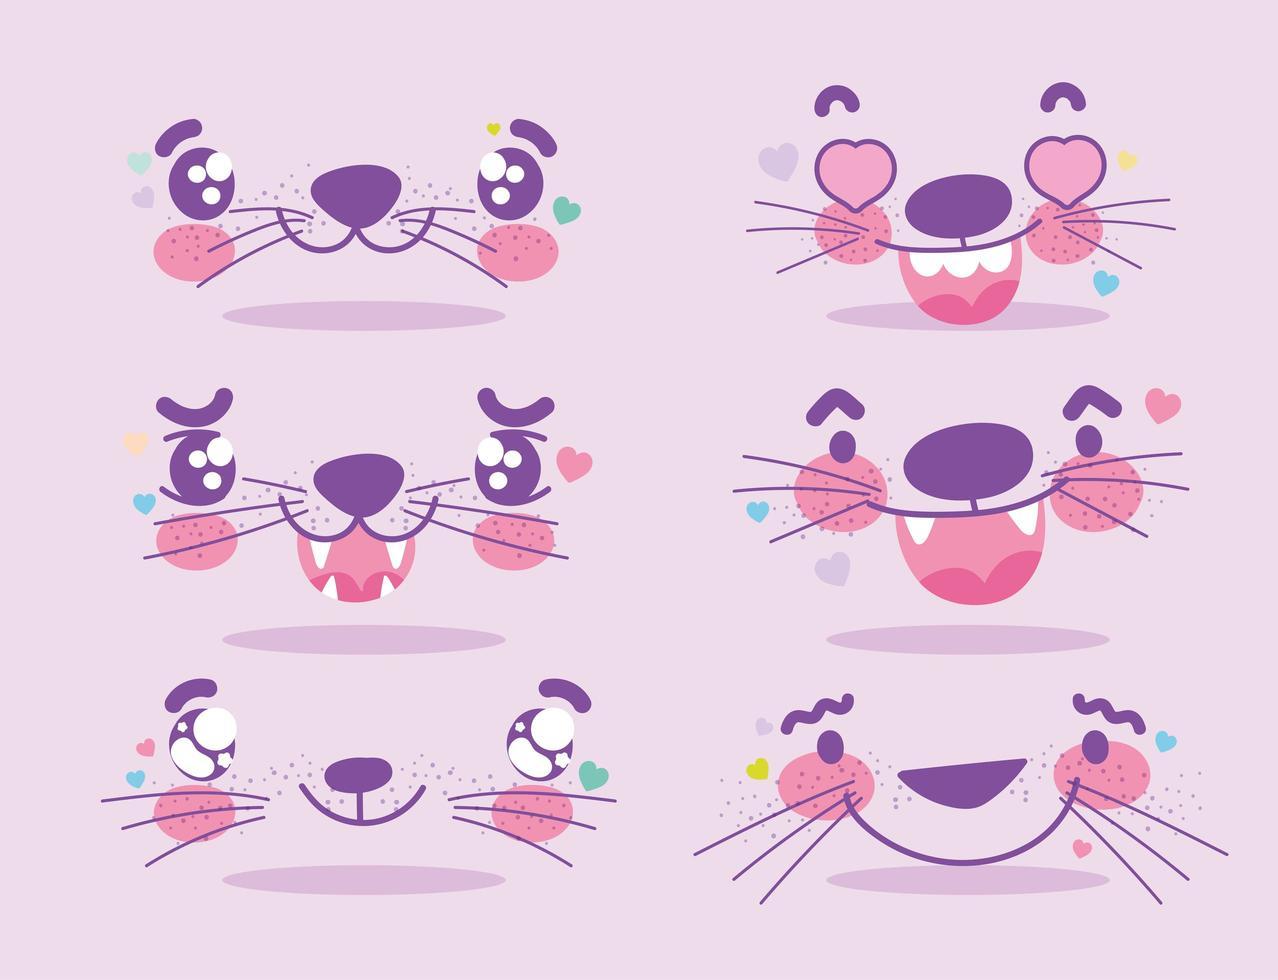 kawaii söta djur ansiktsuttryck emoji uppsättning vektor